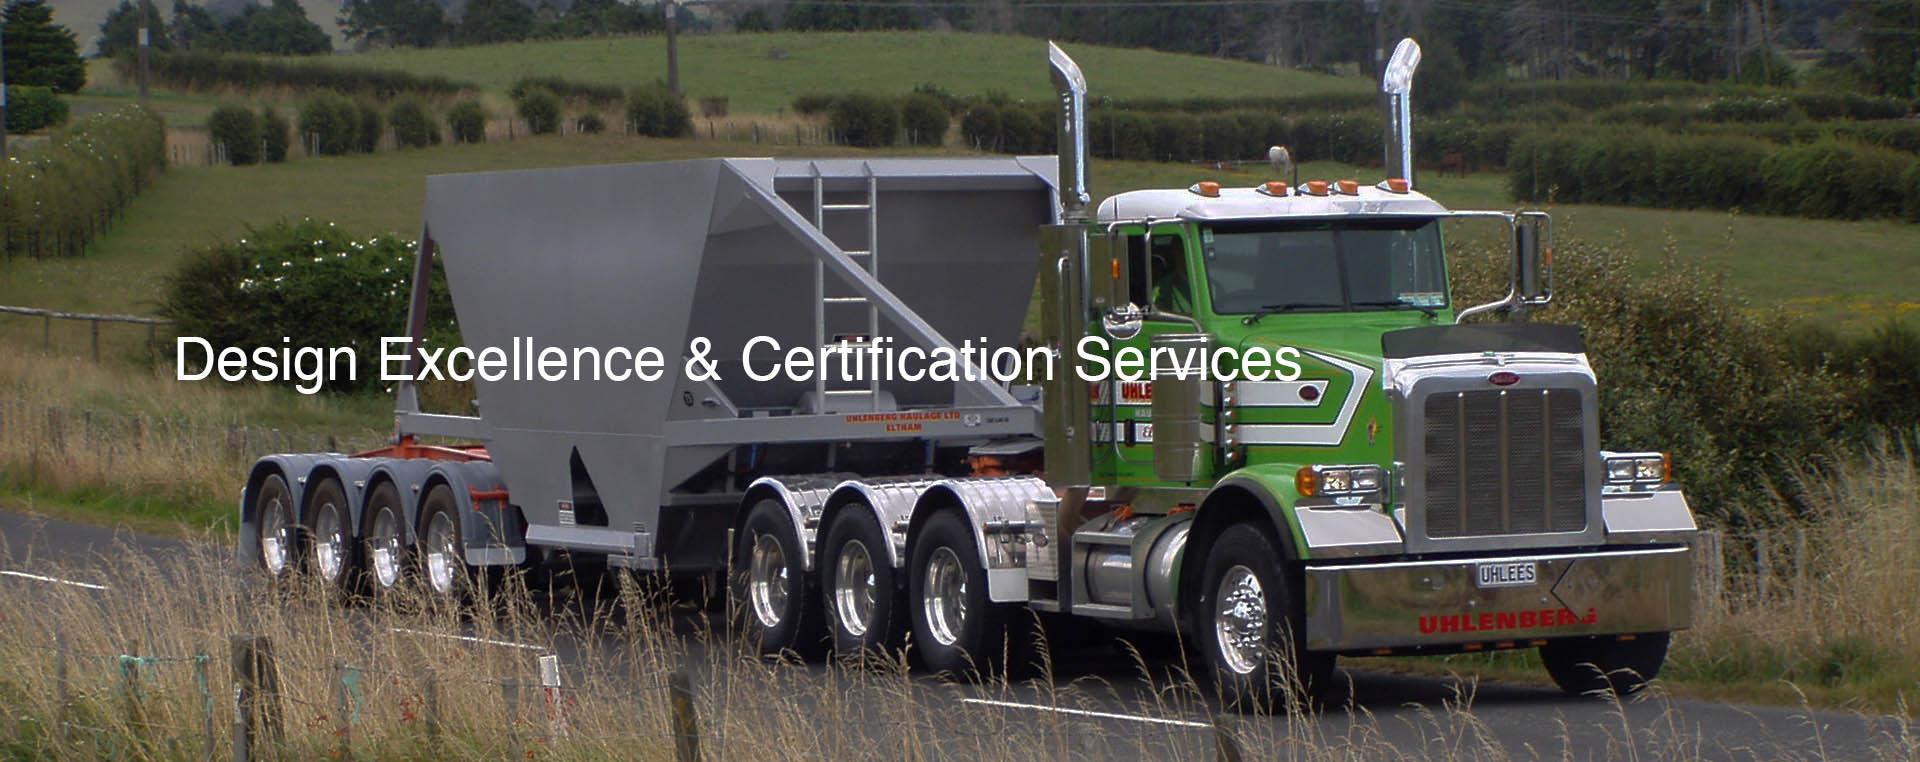 Transtech Services Christchurch Dunedin Invercargill